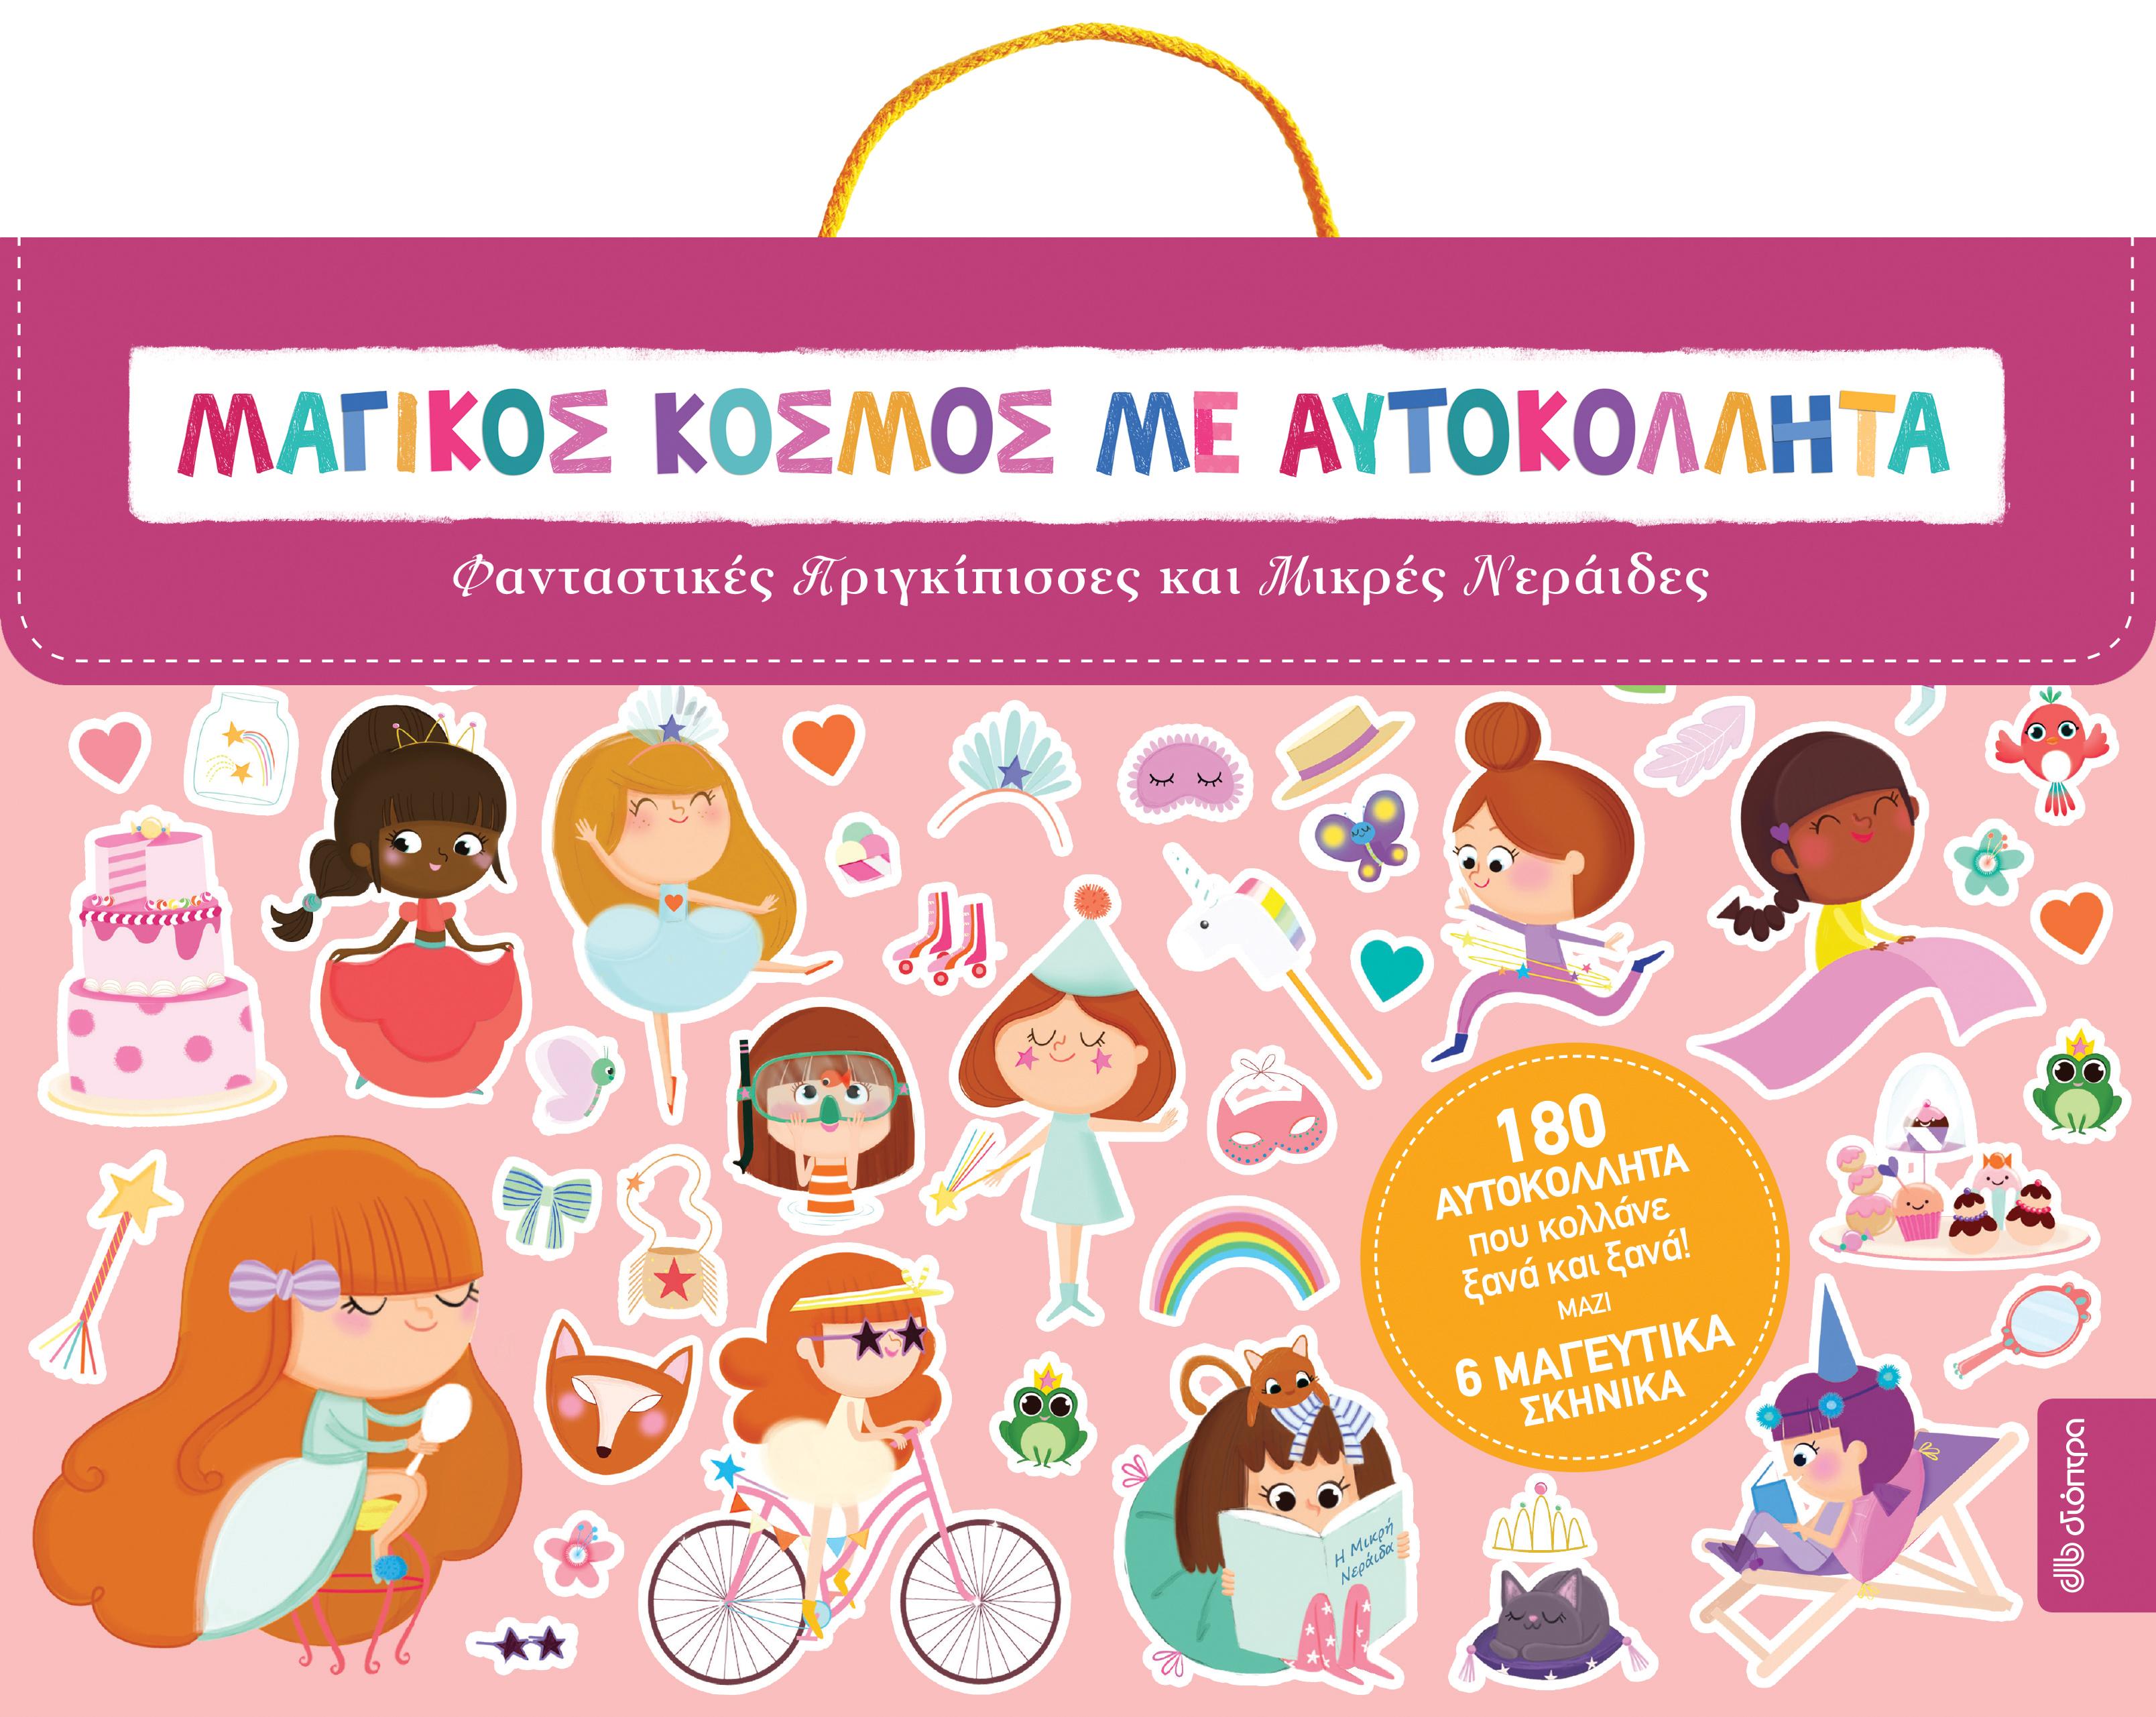 Μαγικός κόσμος με αυτοκόλλητα - φανταστικές πριγκίπισσες - μικρές νεράιδες παιδικά βιβλία